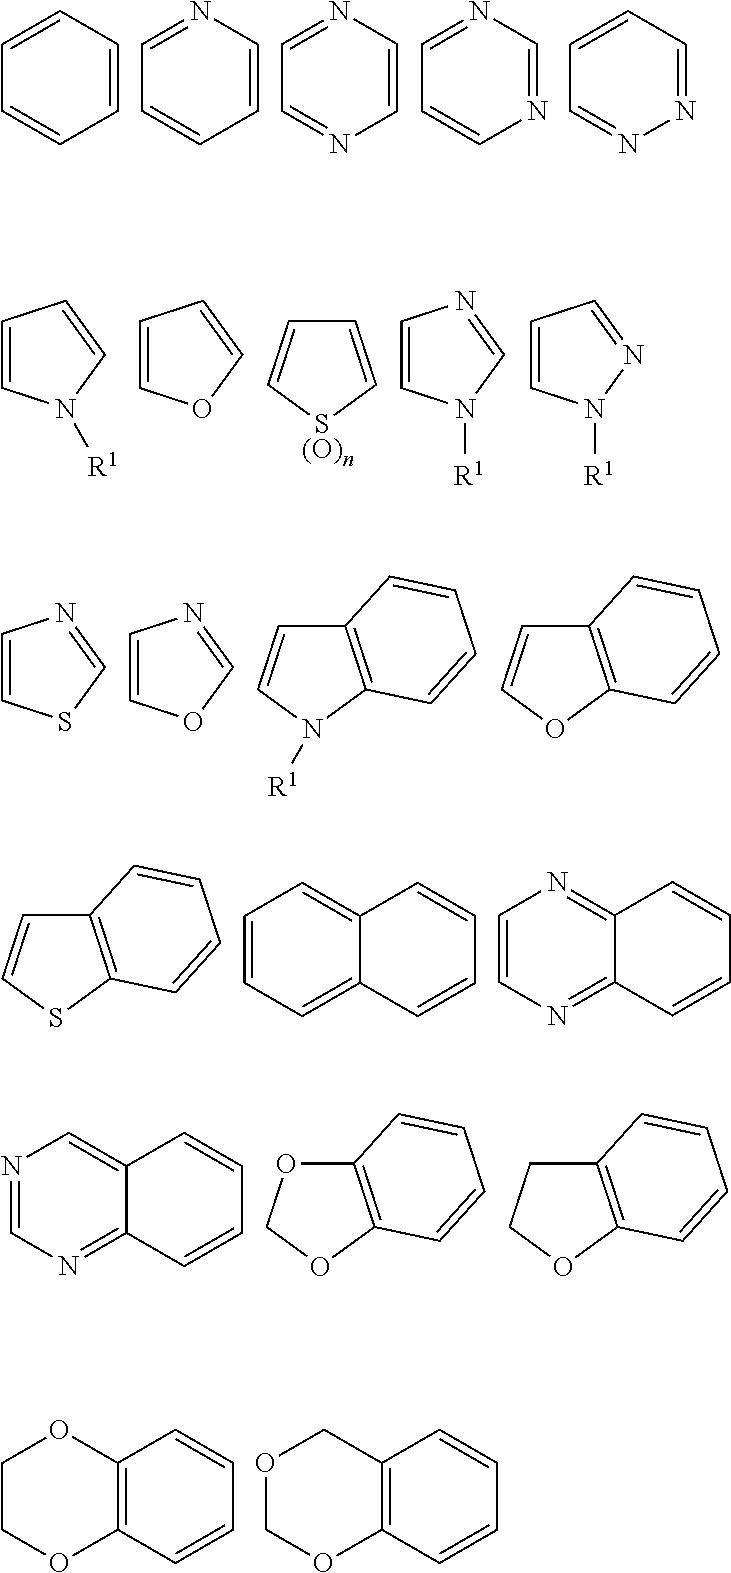 Figure US20110053905A1-20110303-C00004